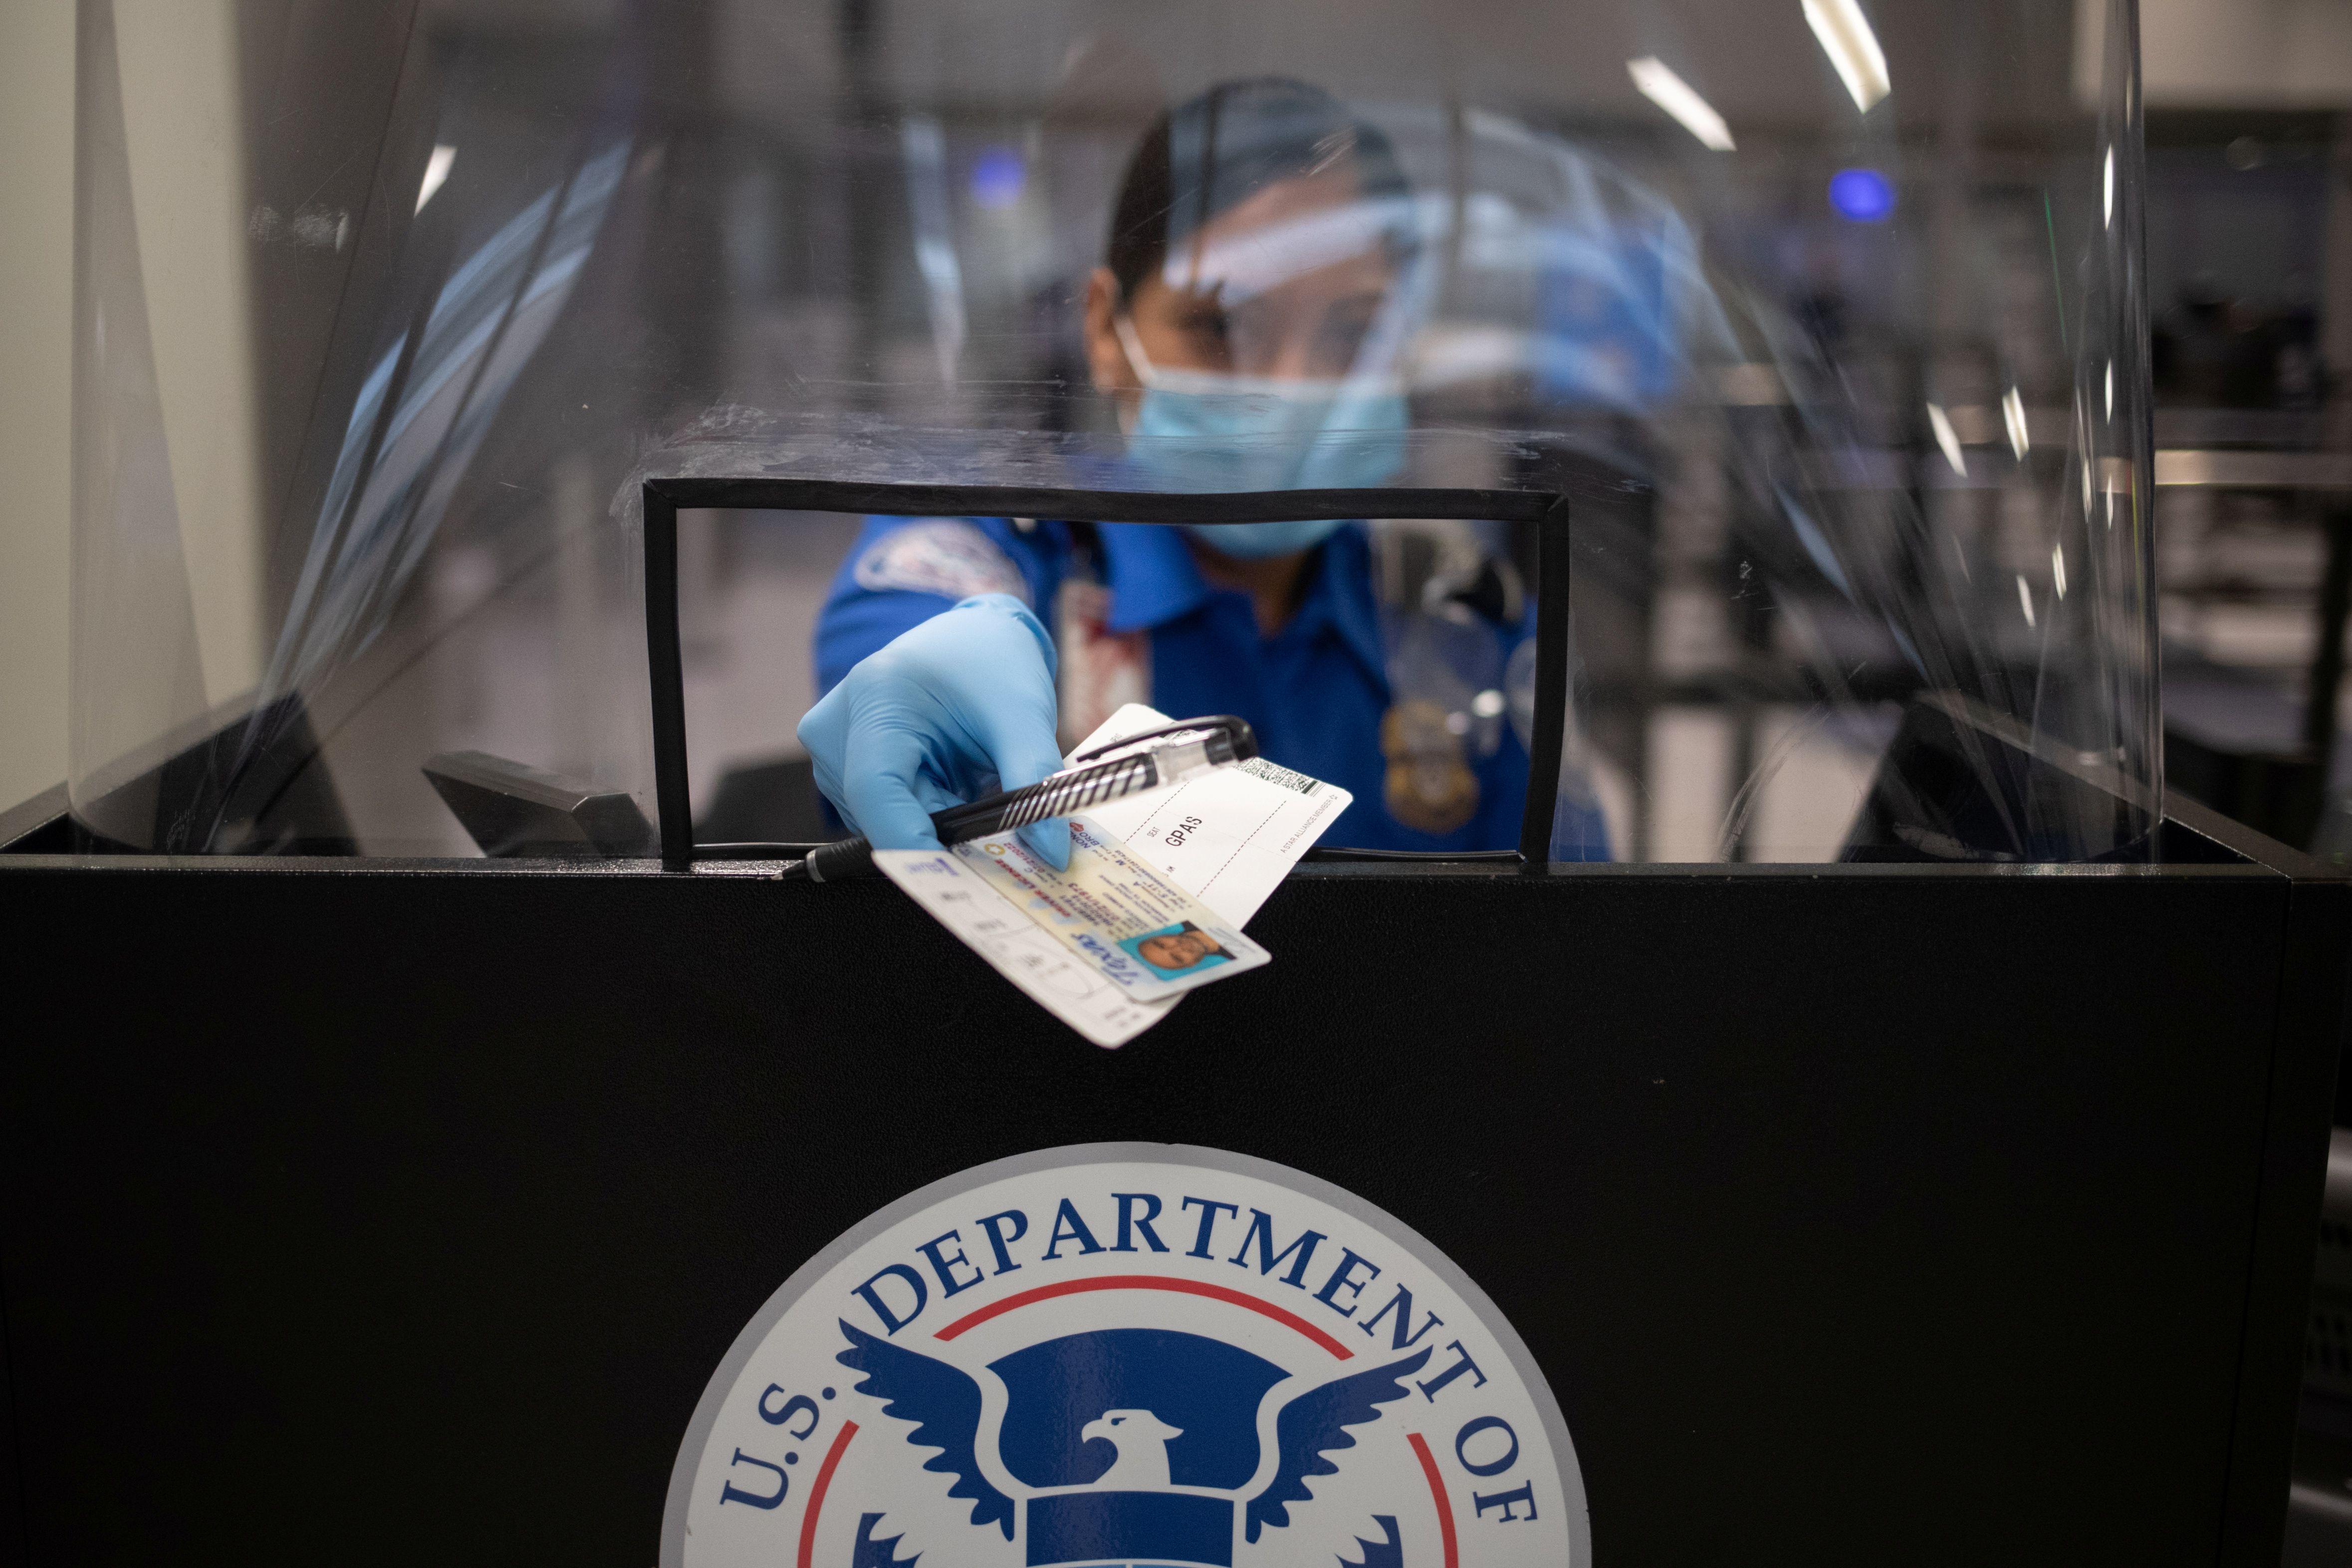 Una empleada de la TSA devuelve los documentos a un pasajero, ahora con barbijo y cobertor plástico producto del coronavirus. REUTERS/Adrees Latif